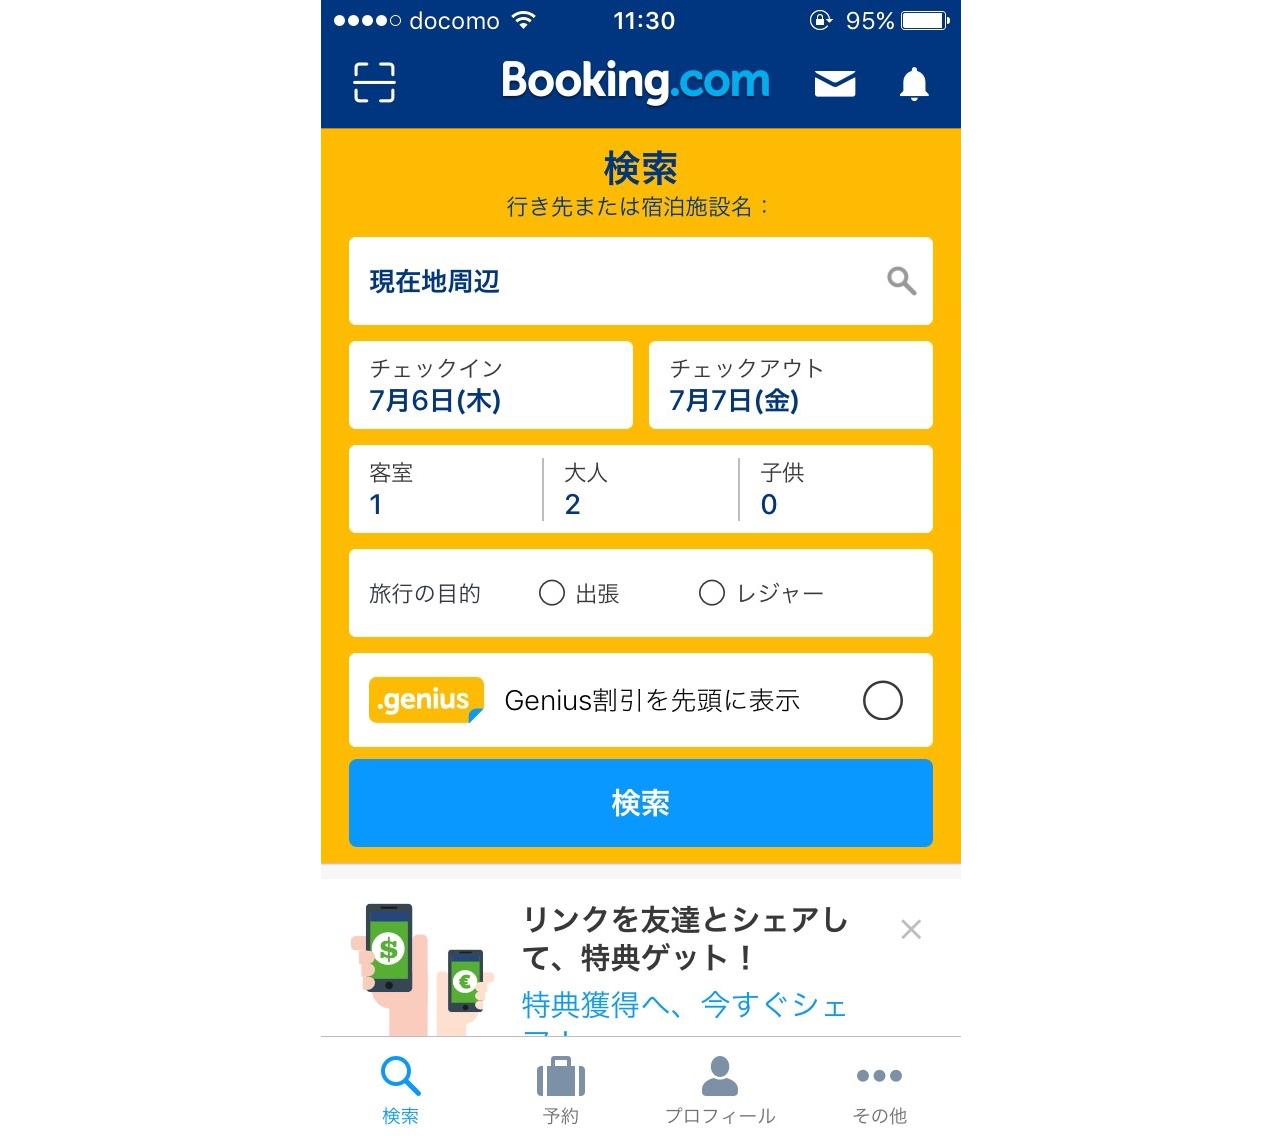 ブッキングドットコムのアプリトップページ